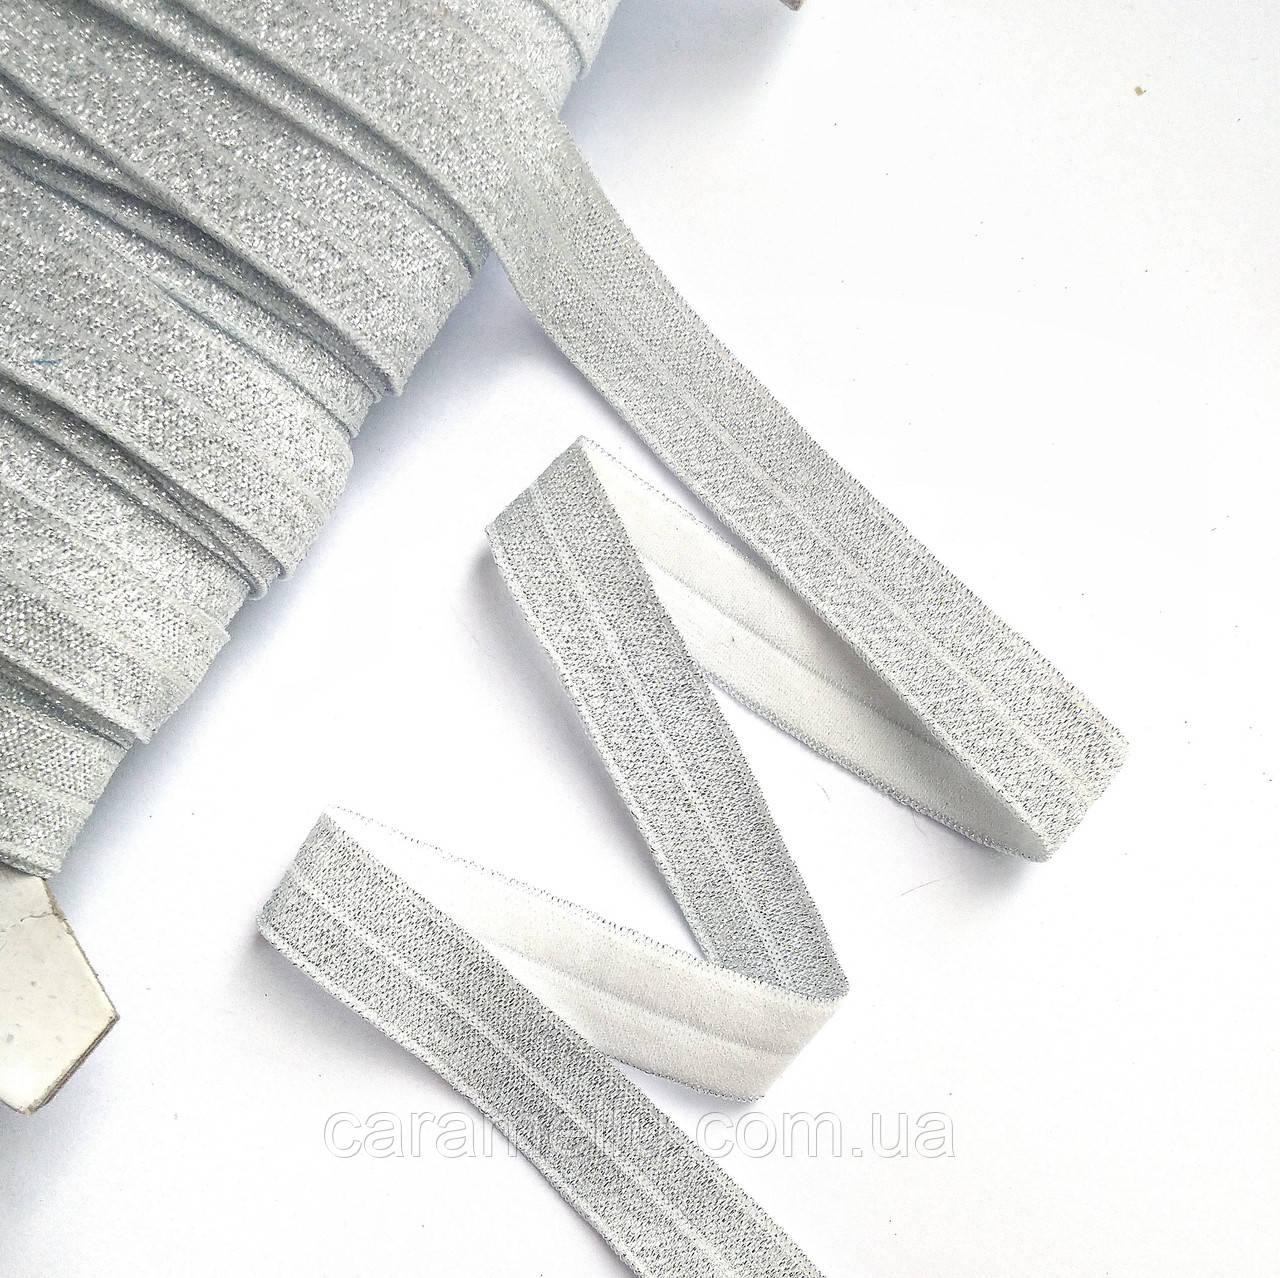 Резинка для повязок метражная. 1,5 см  Серебро